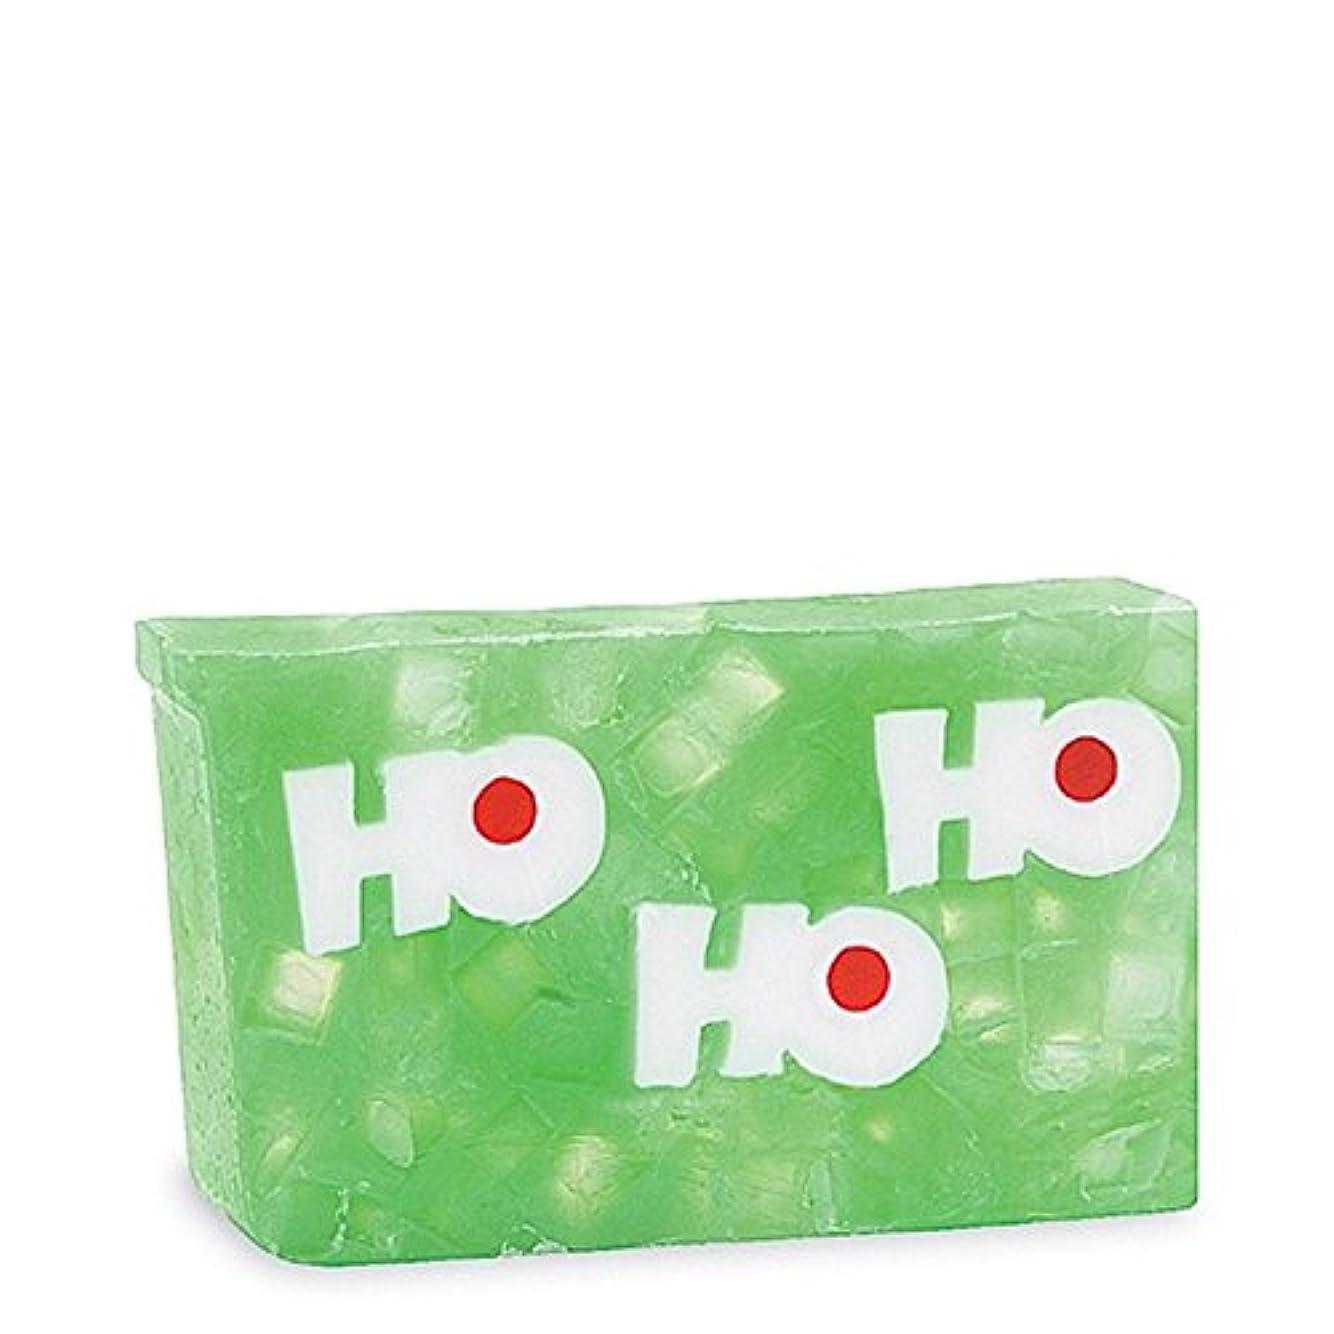 実証する赤外線解釈的原初の要素ホーホーホ石鹸 x2 - Primal Elements Ho Ho Ho Soap (Pack of 2) [並行輸入品]